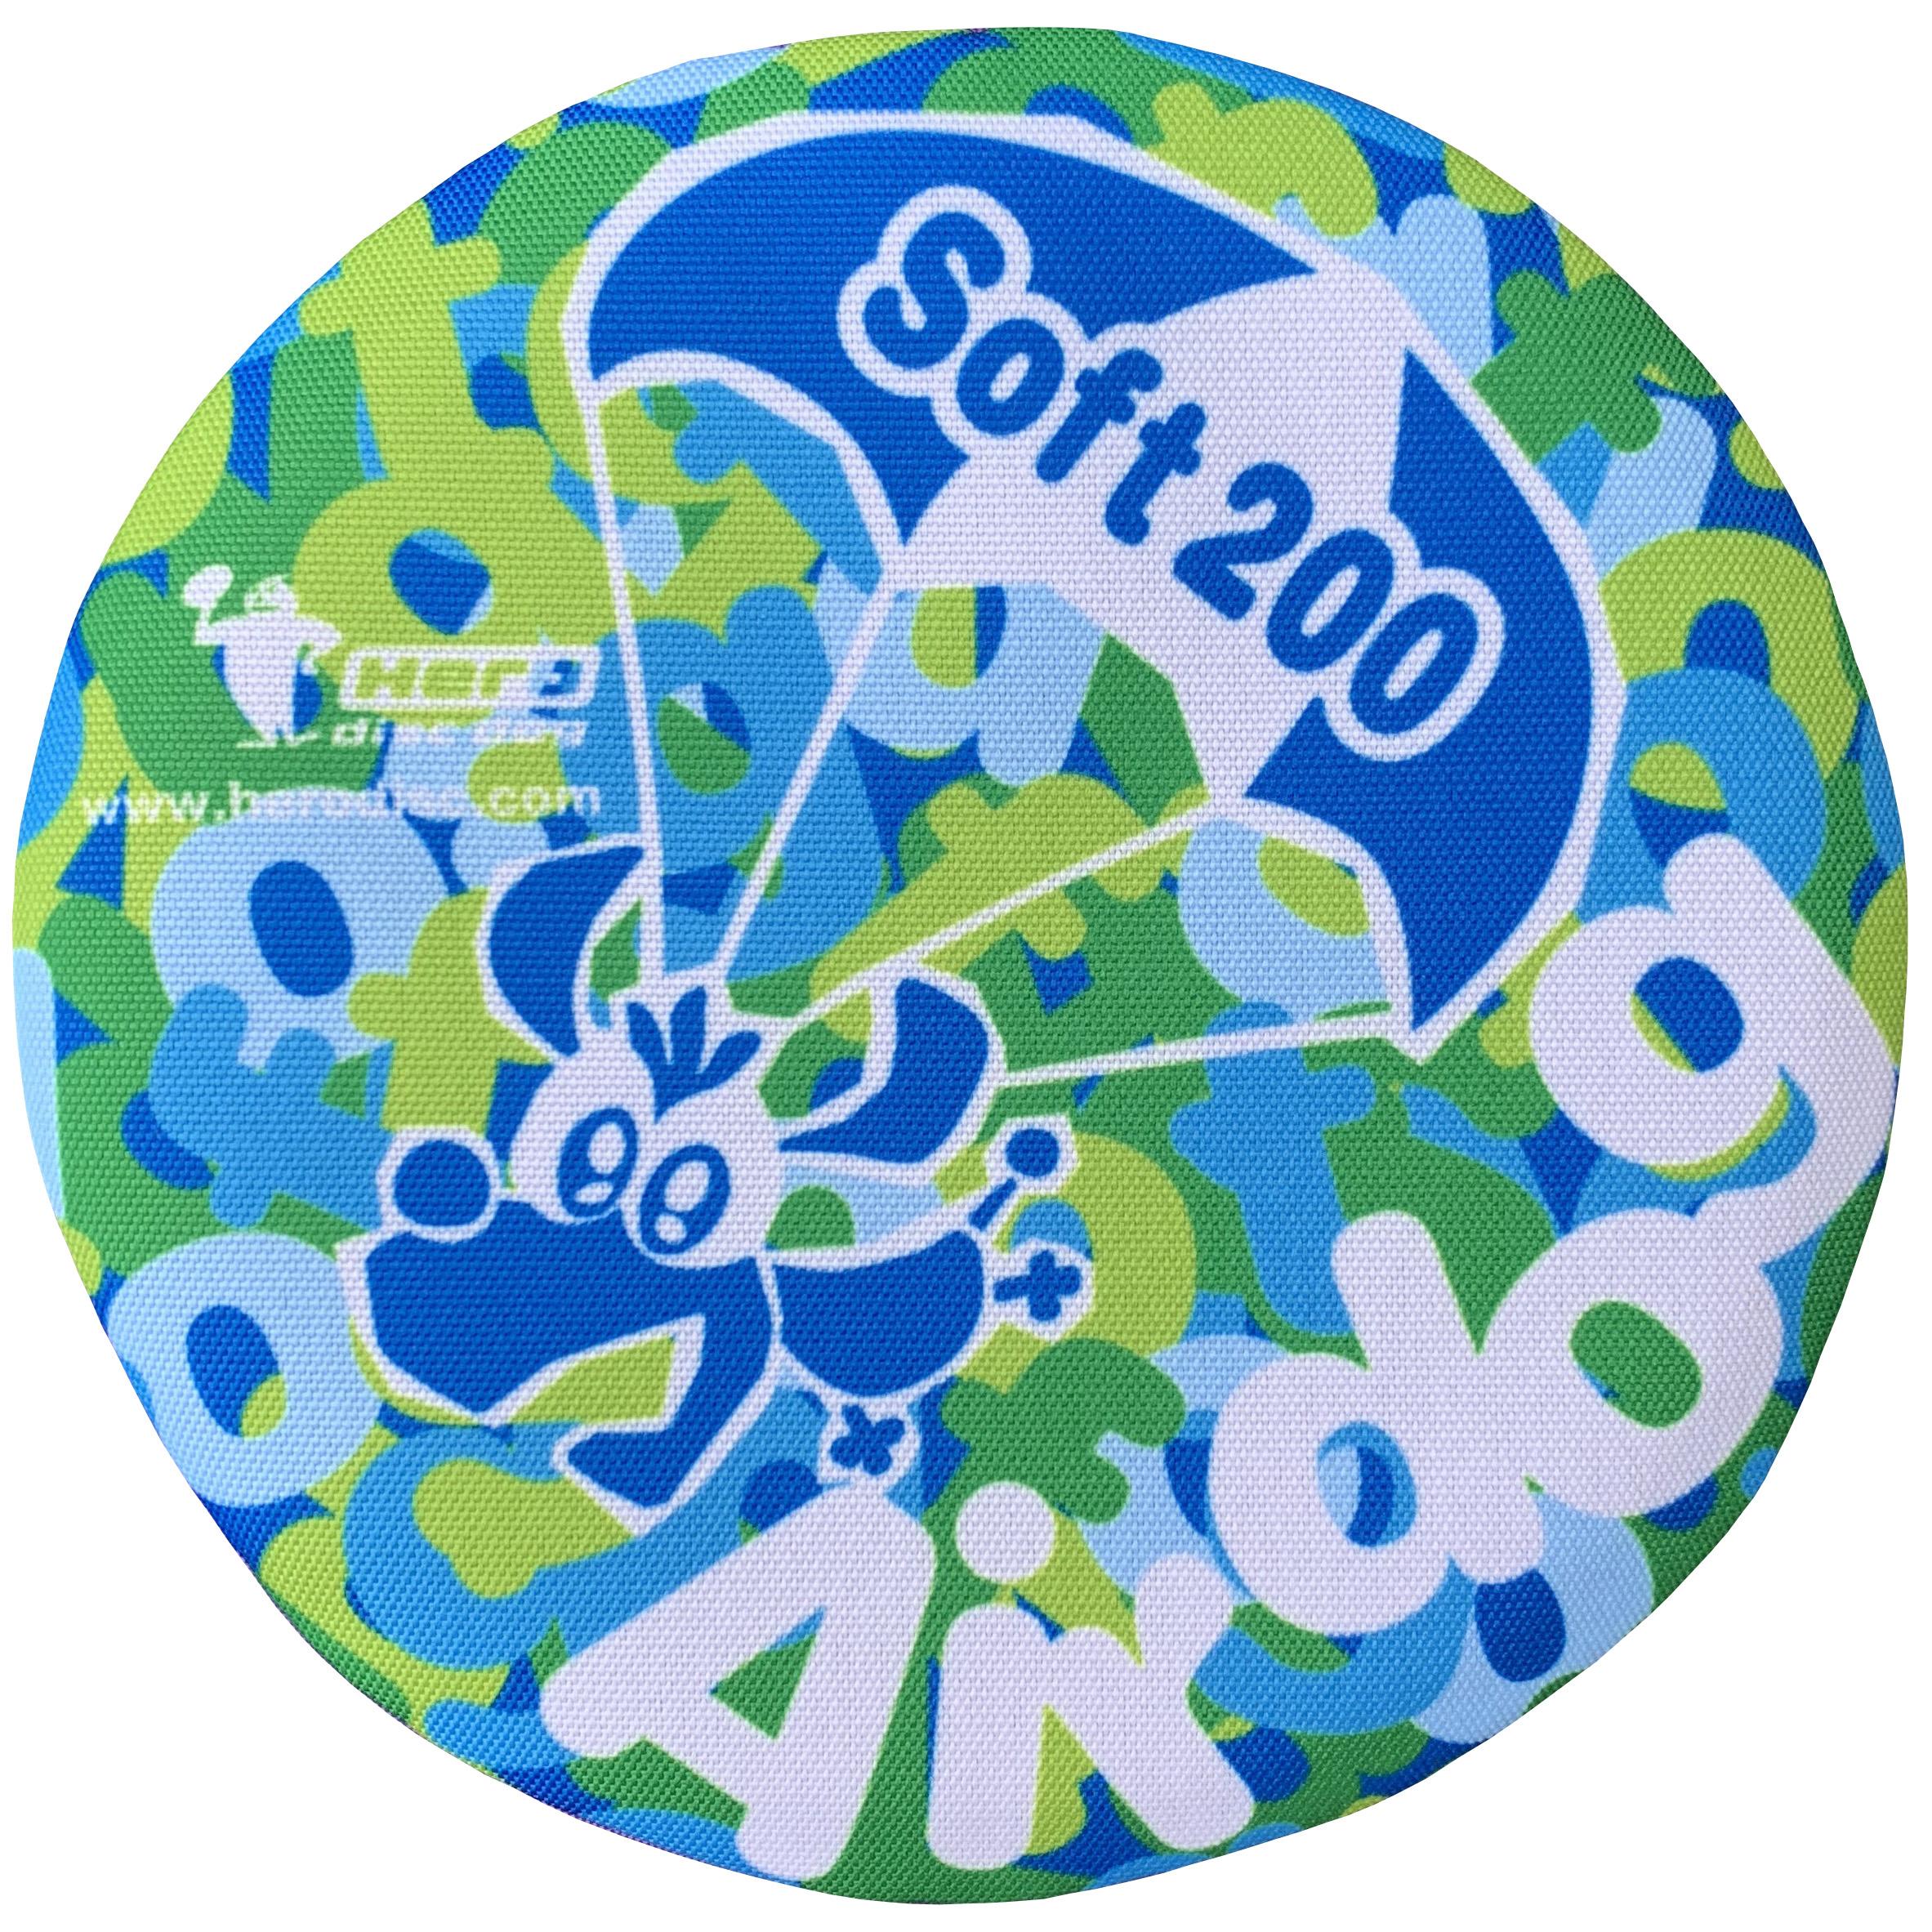 Airdog Soft 200